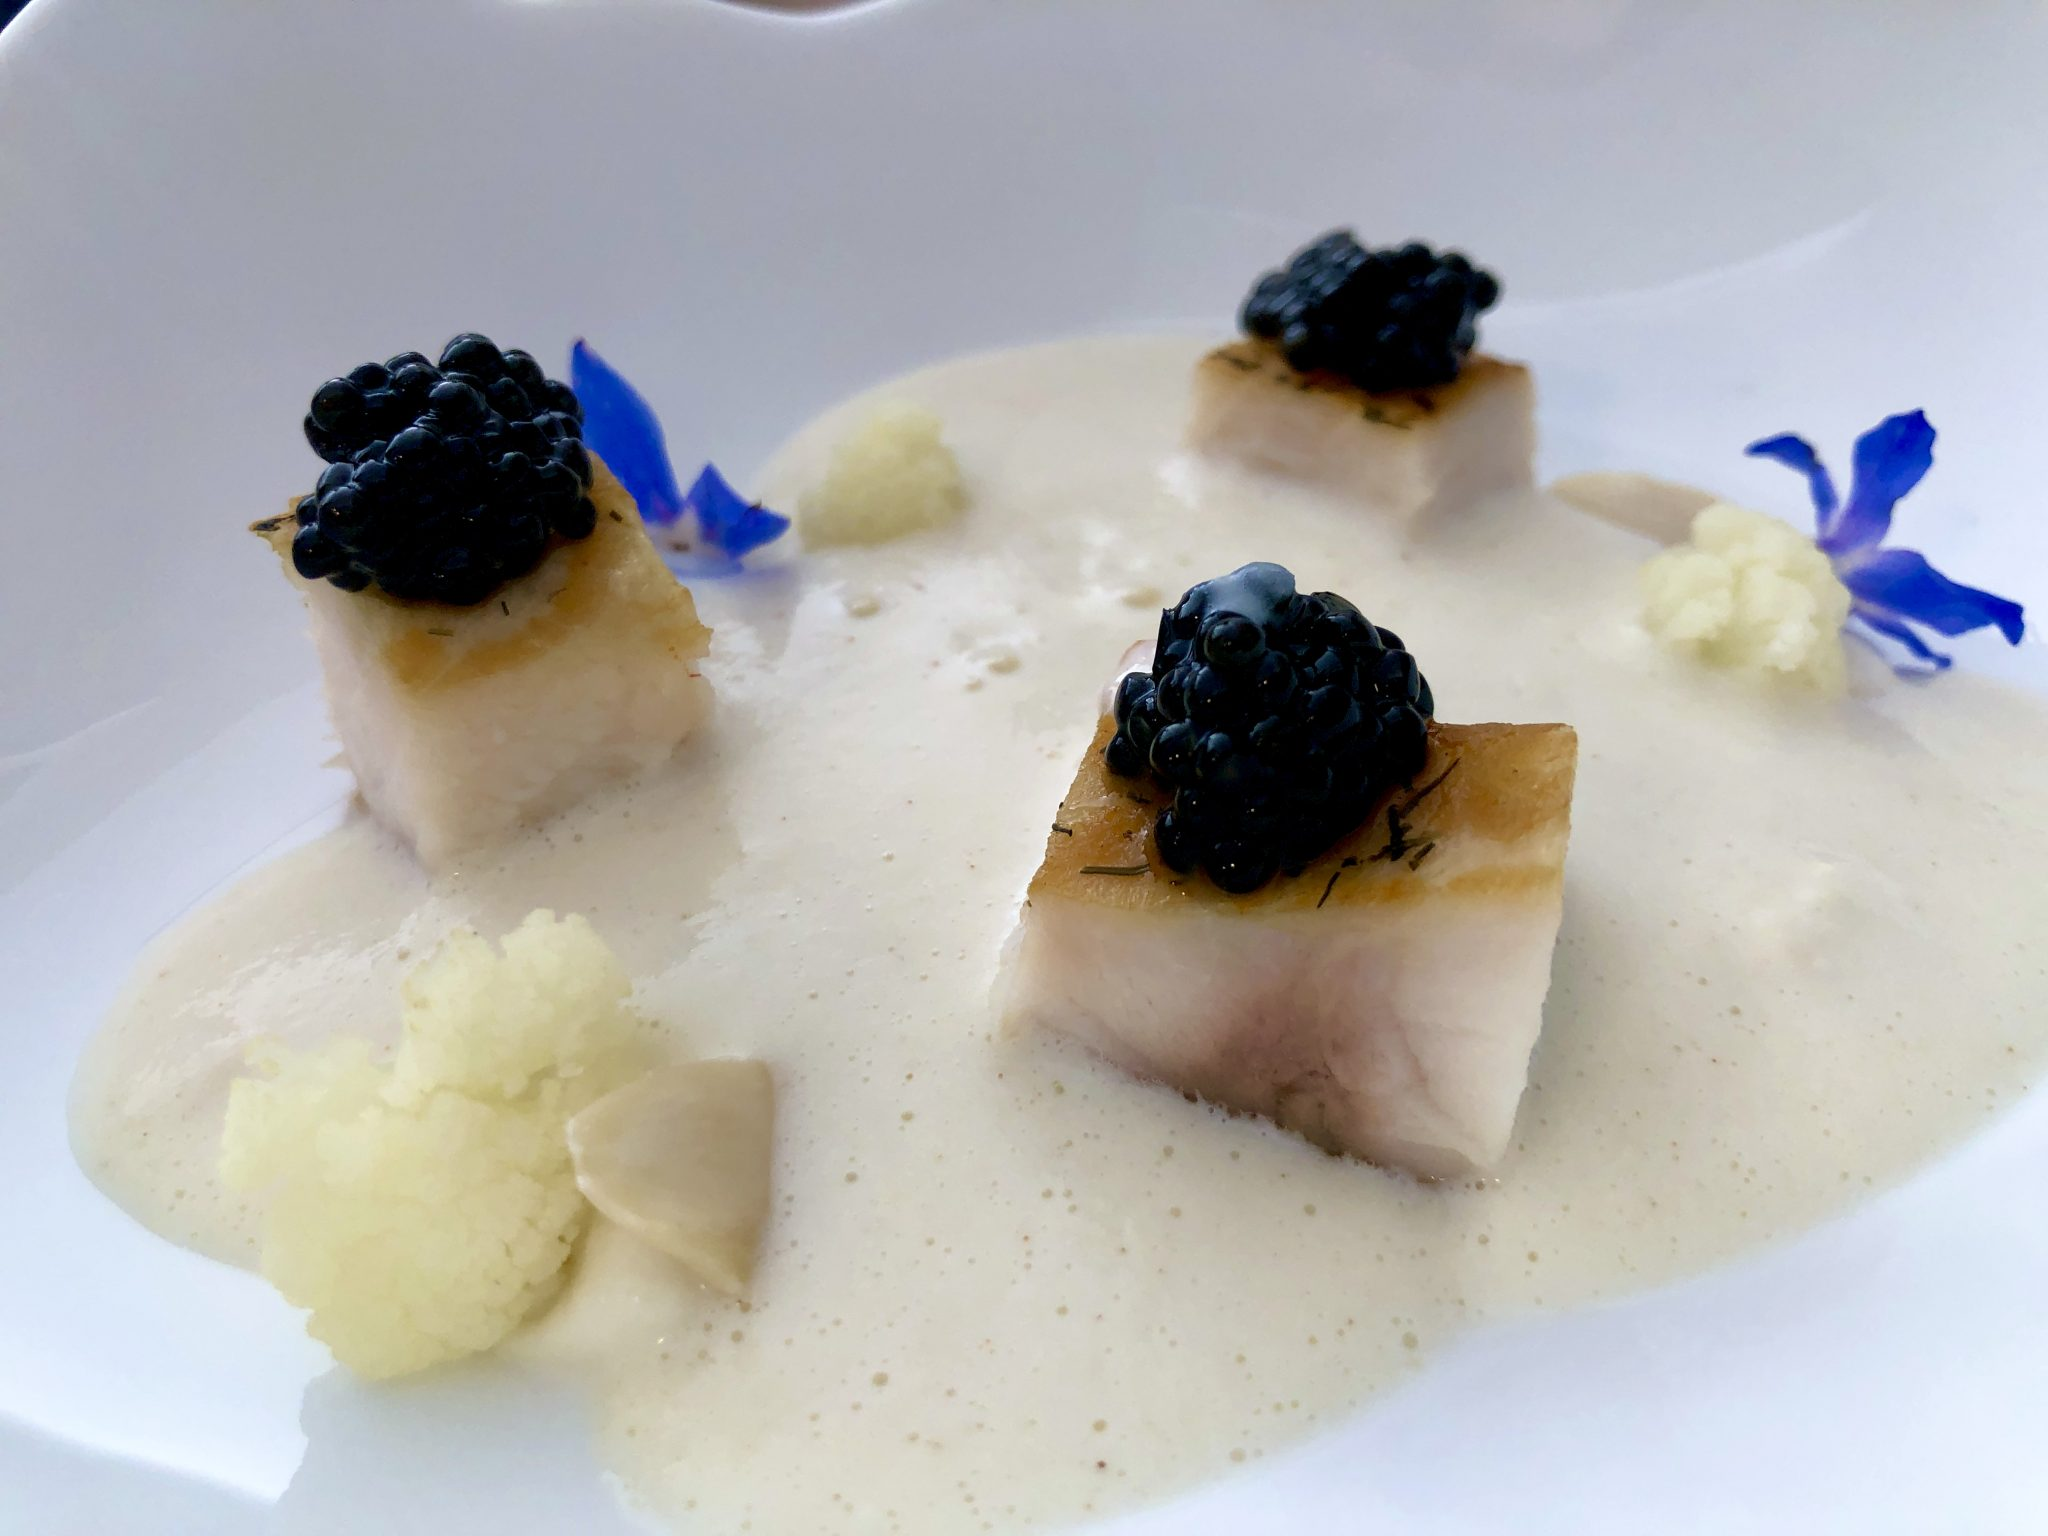 Restaurante Dromo (Badajoz) Coliflor, esturión ahumado y su caviar